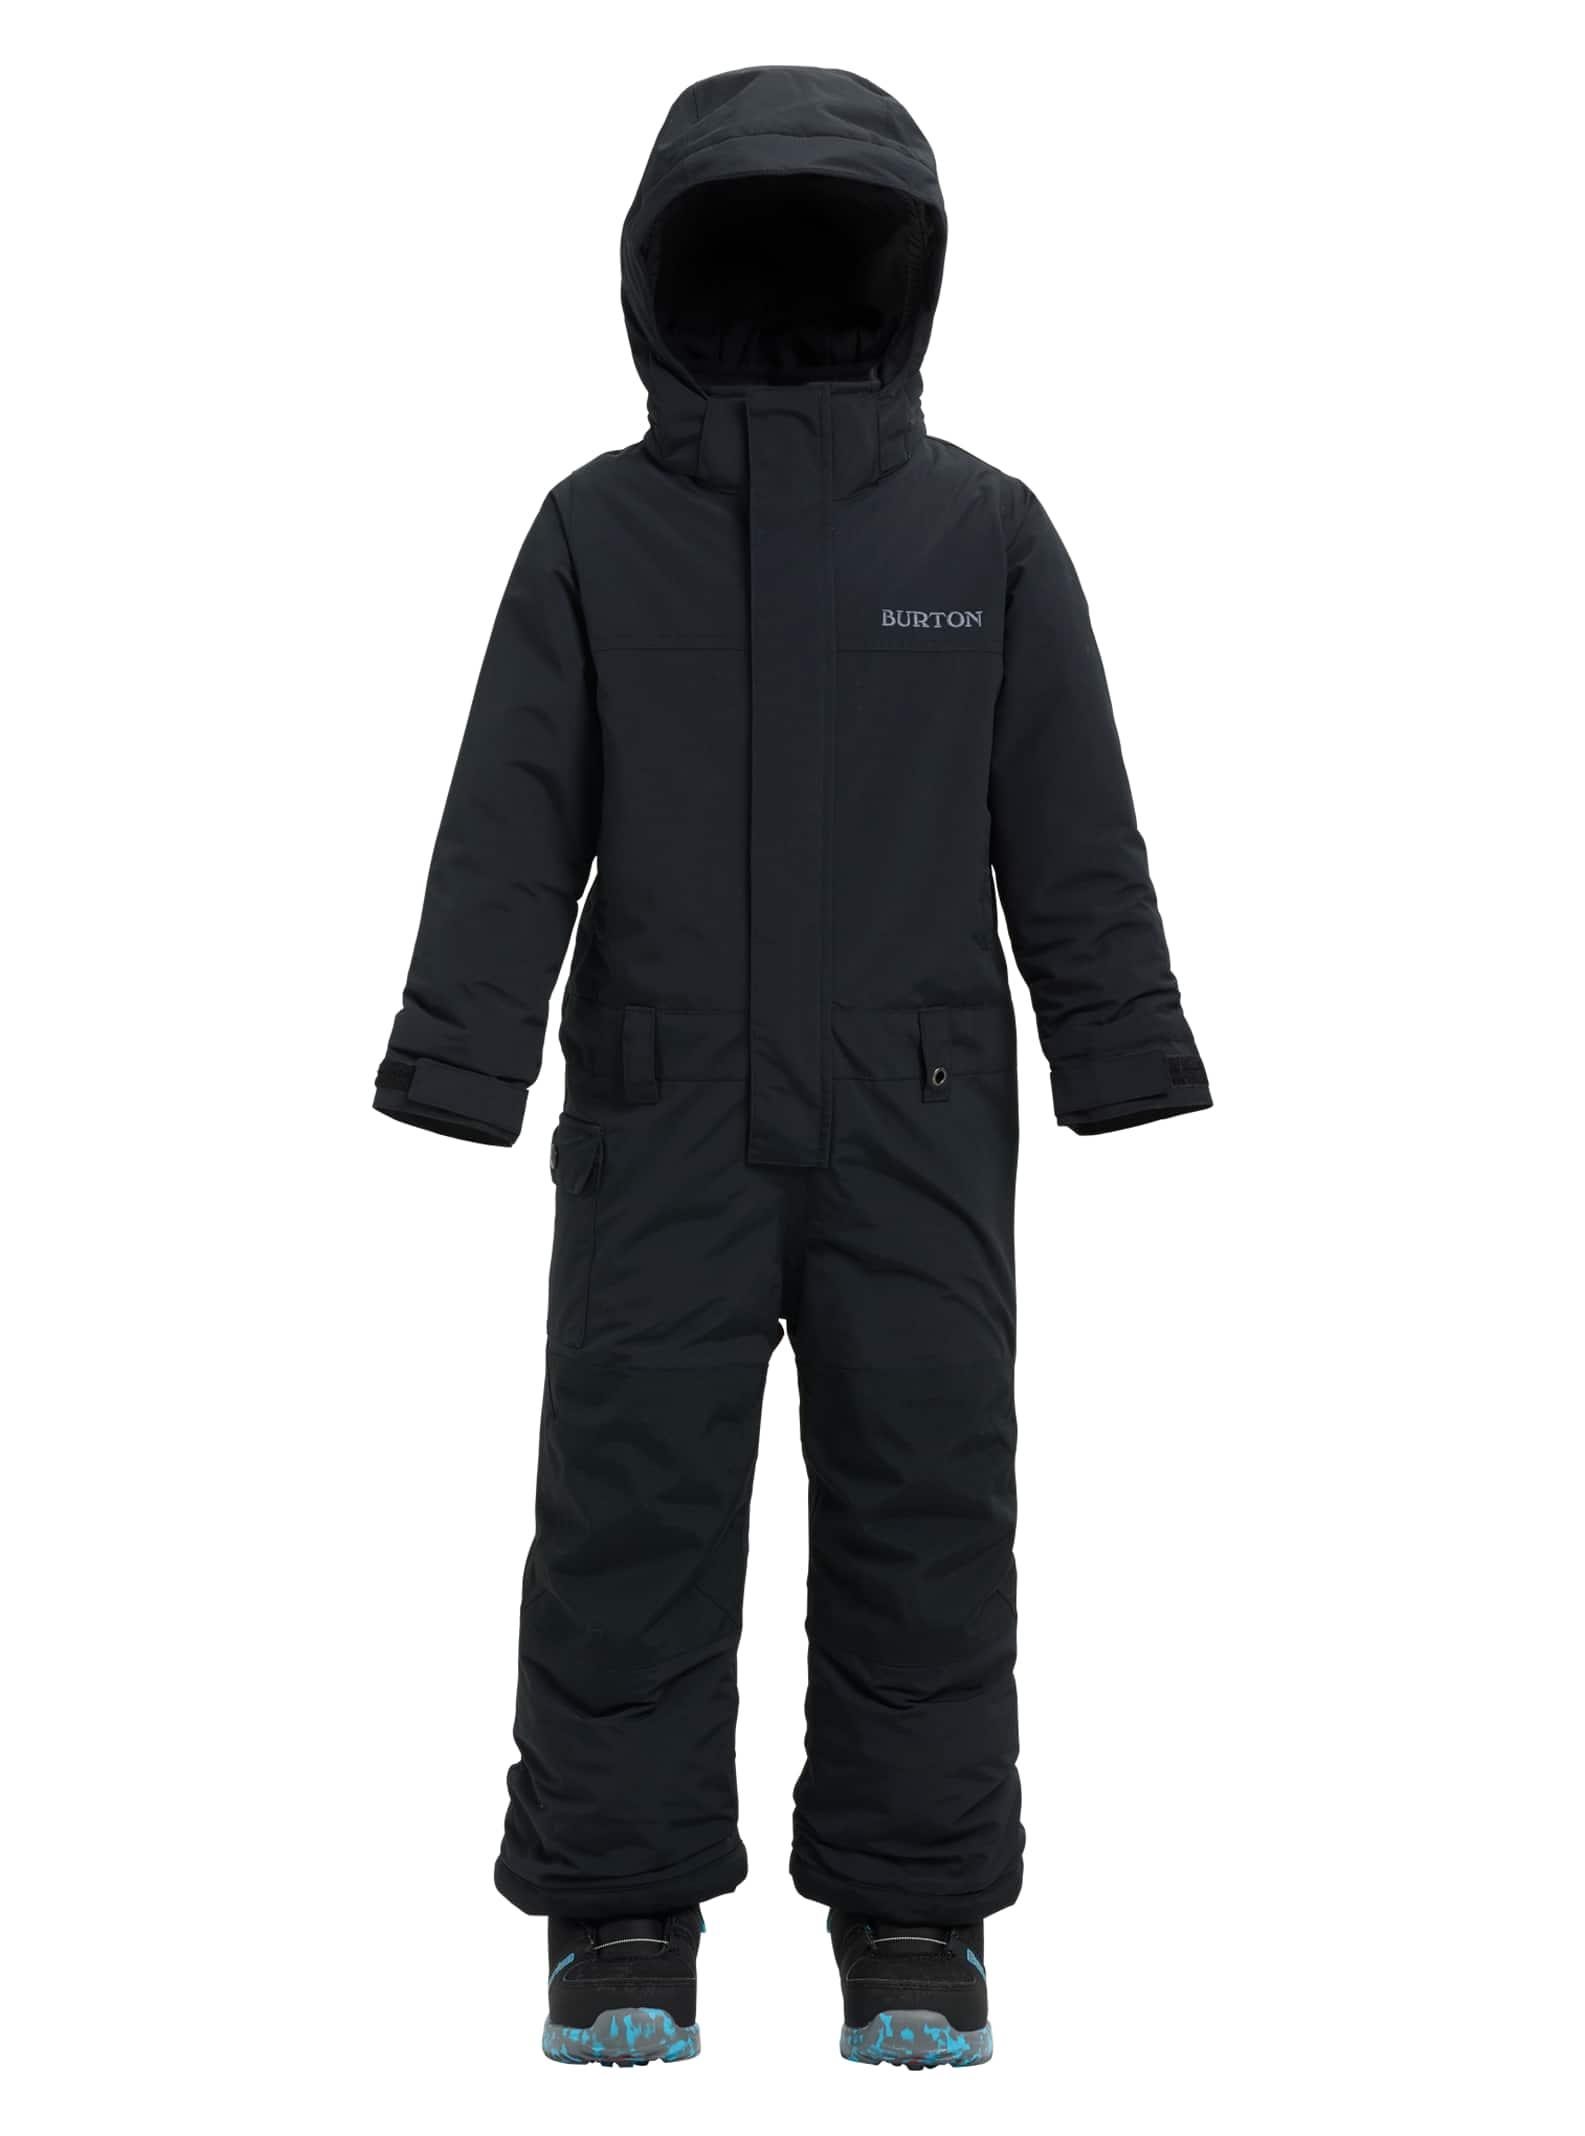 2a1d948c0 Kids  Snowsuits